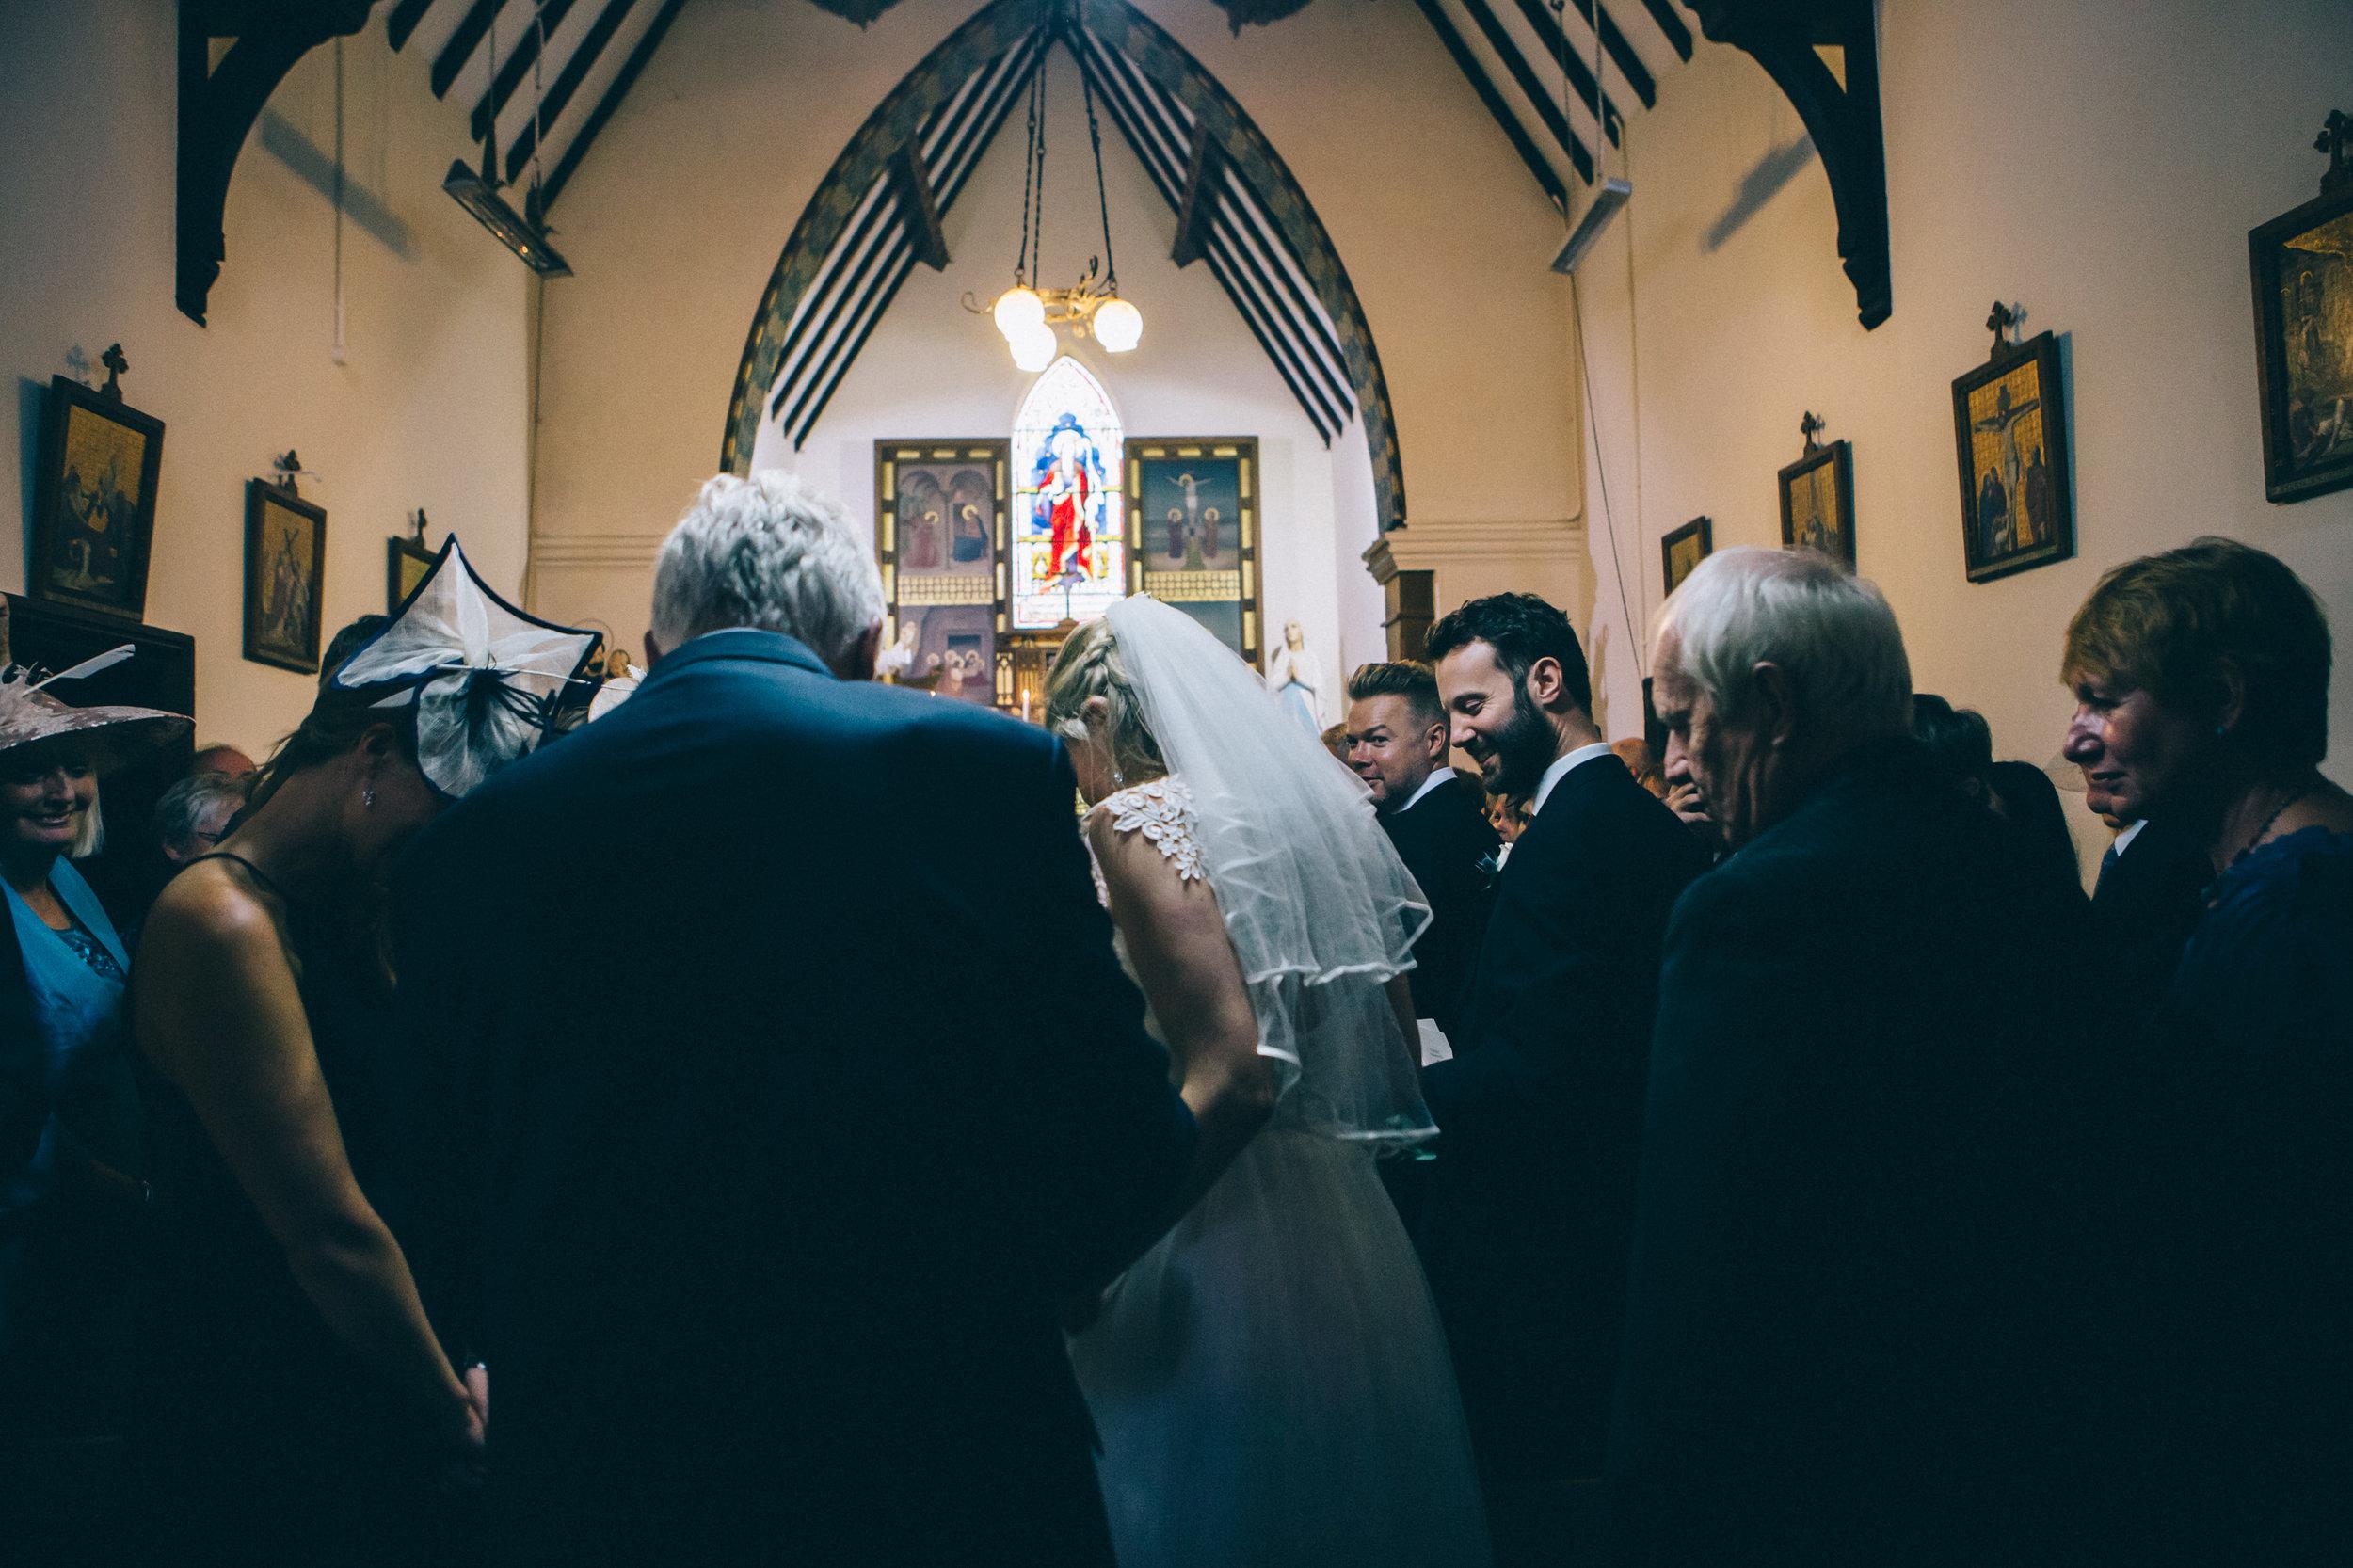 uk wedding photographer artistic wedding photography-61.jpg